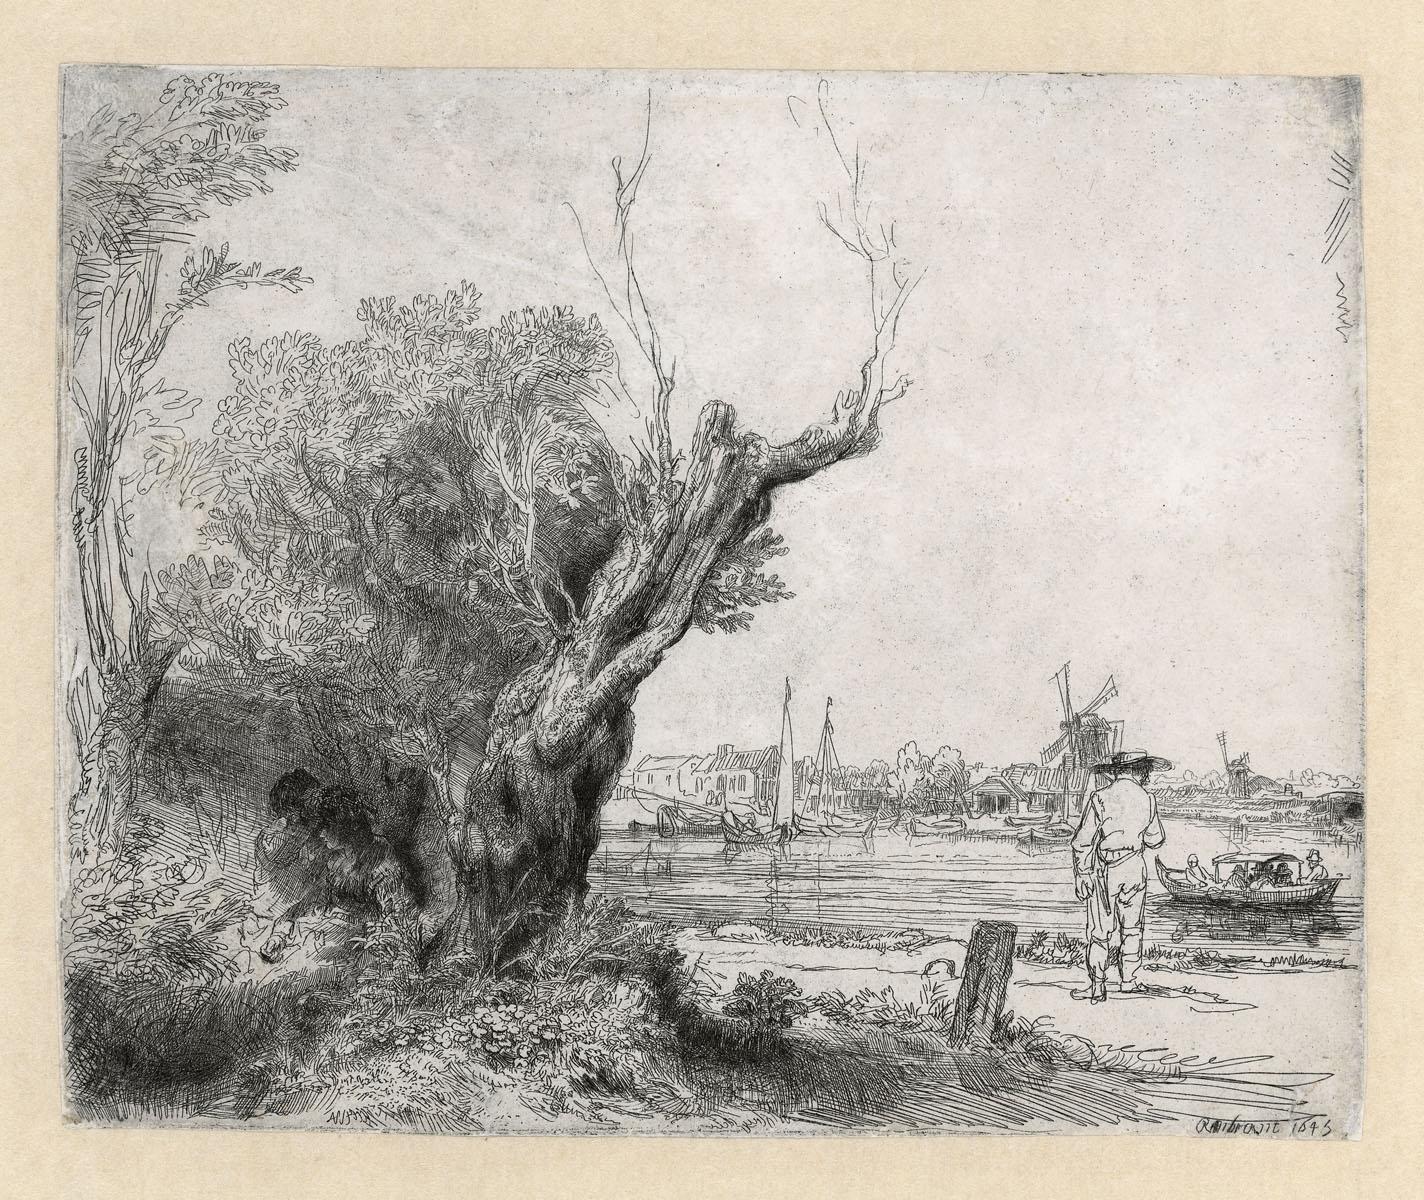 Paysage de Rembrandt au musée Rembrandt à Amsterdam.